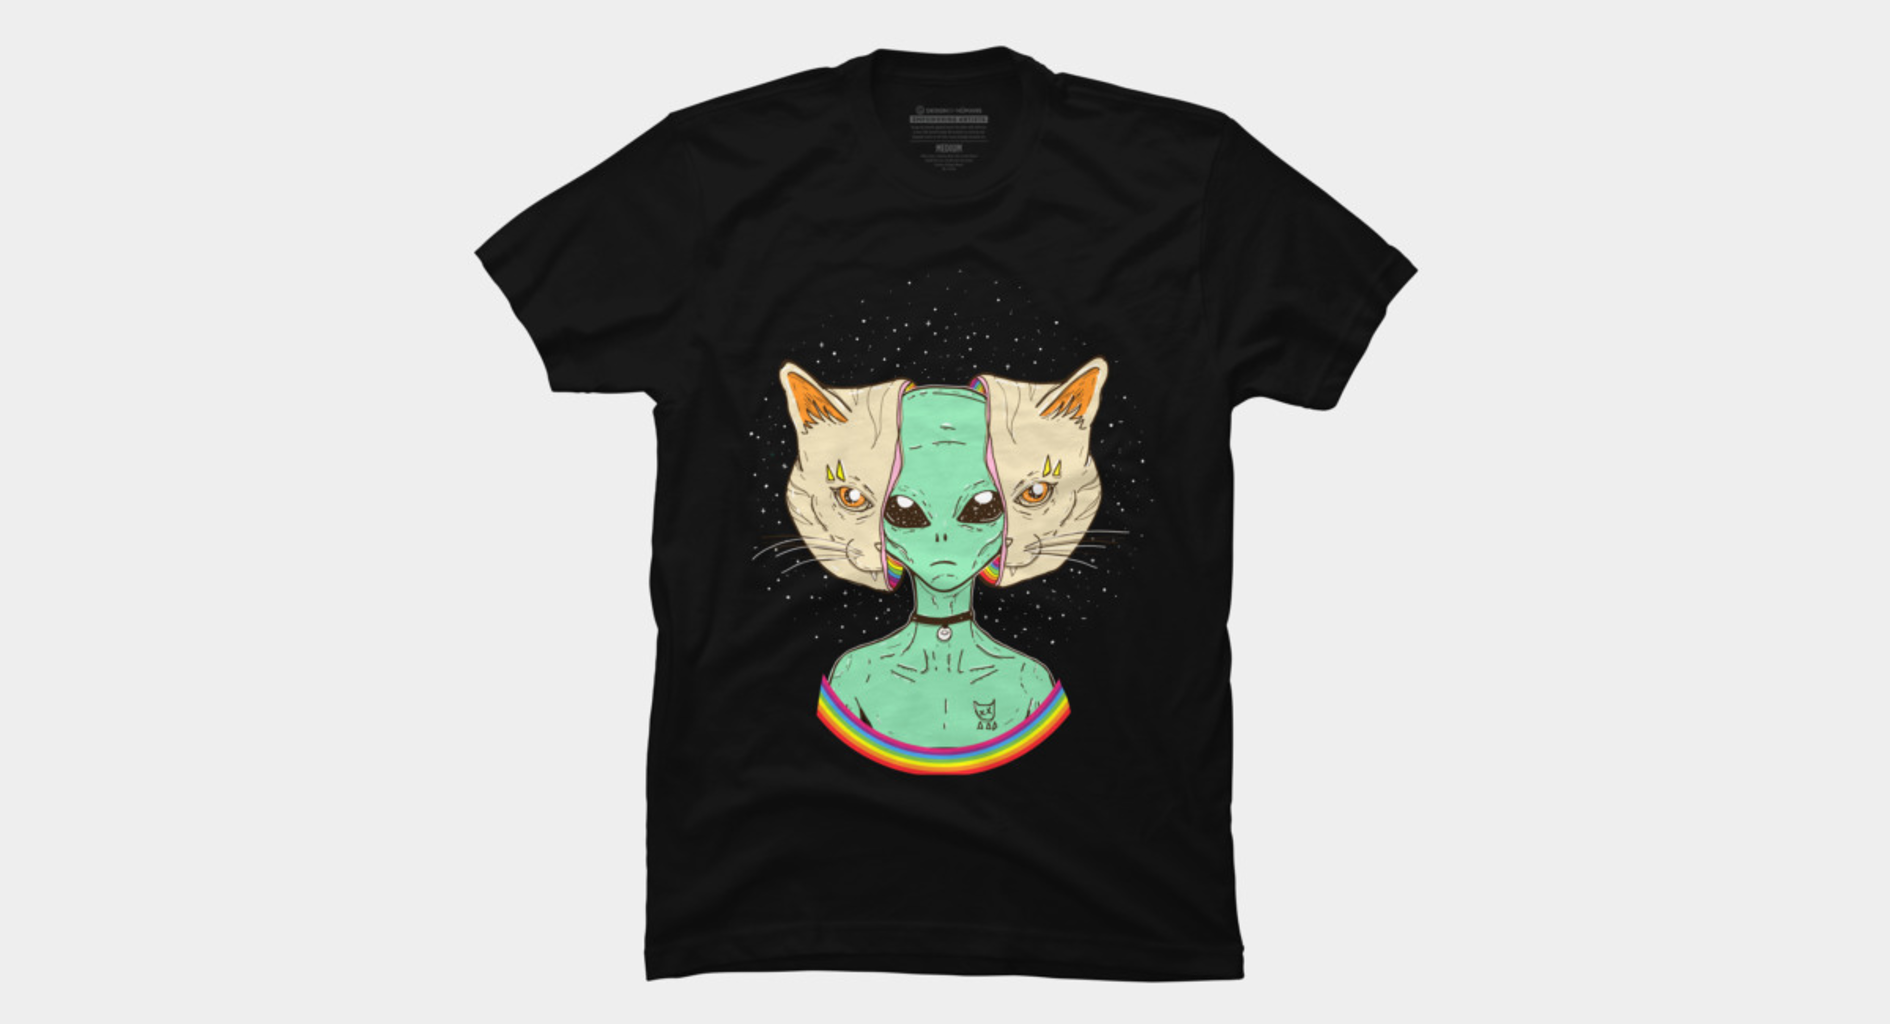 Design by Humans: ALIEN CAT